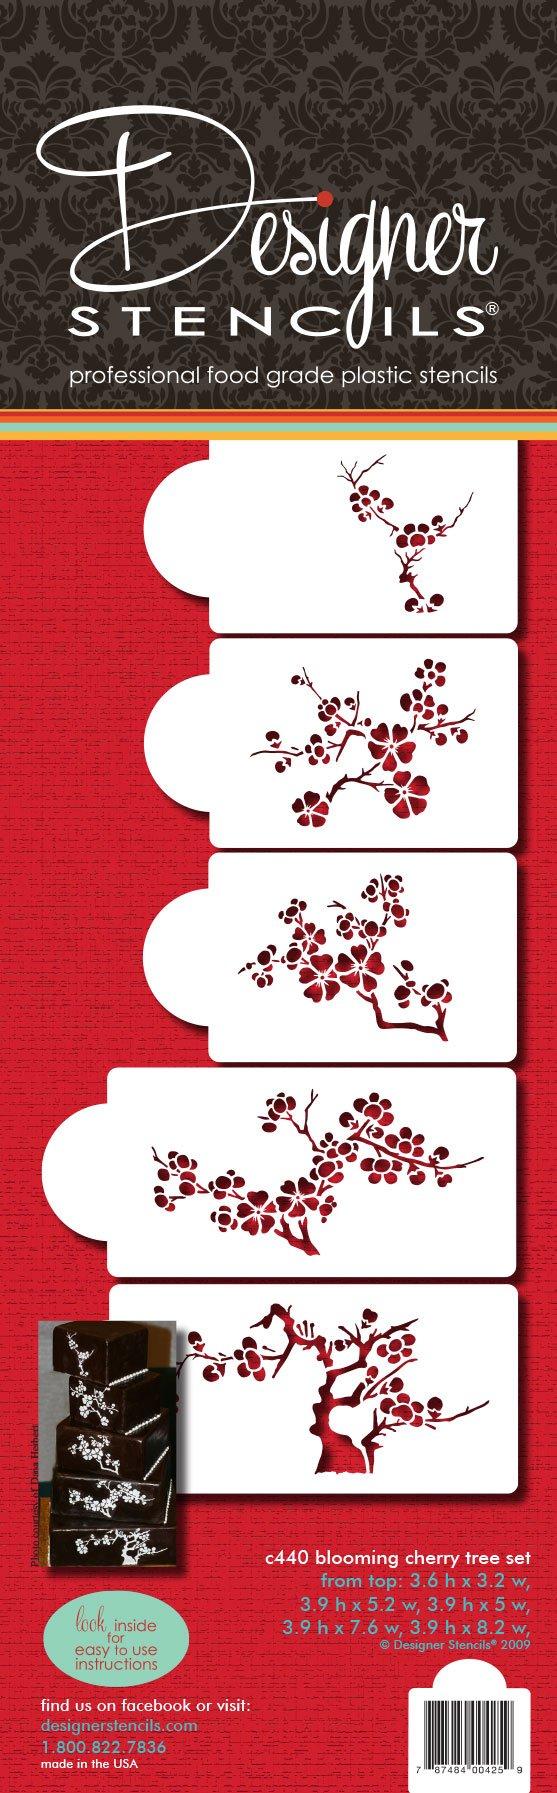 Designer Stencils C440 Blooming Cherry Tree Cake Stencil Set, Beige/semi-transparent by Designer Stencils (Image #4)